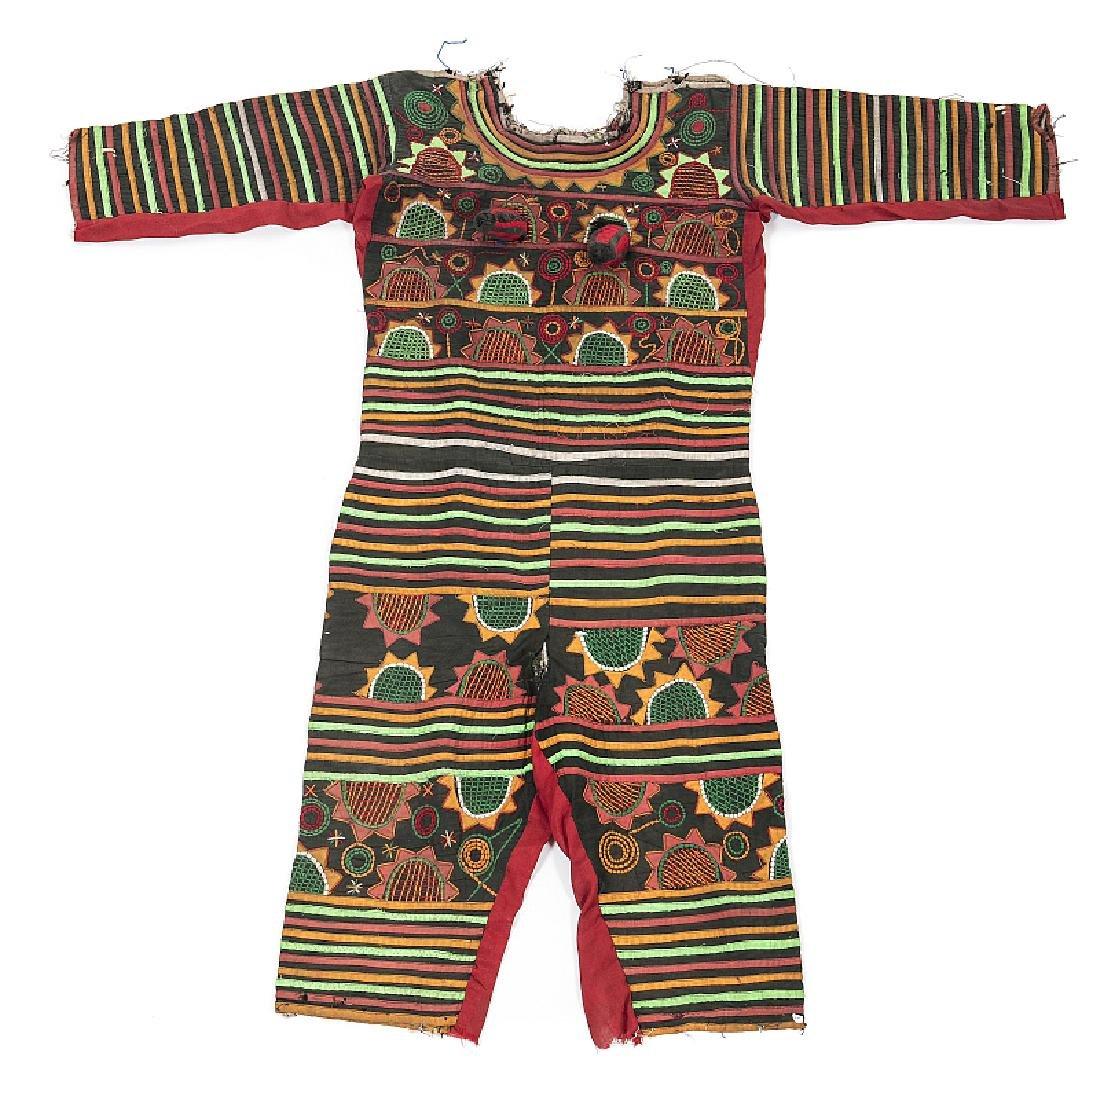 IGBO - Garment for masked dancer